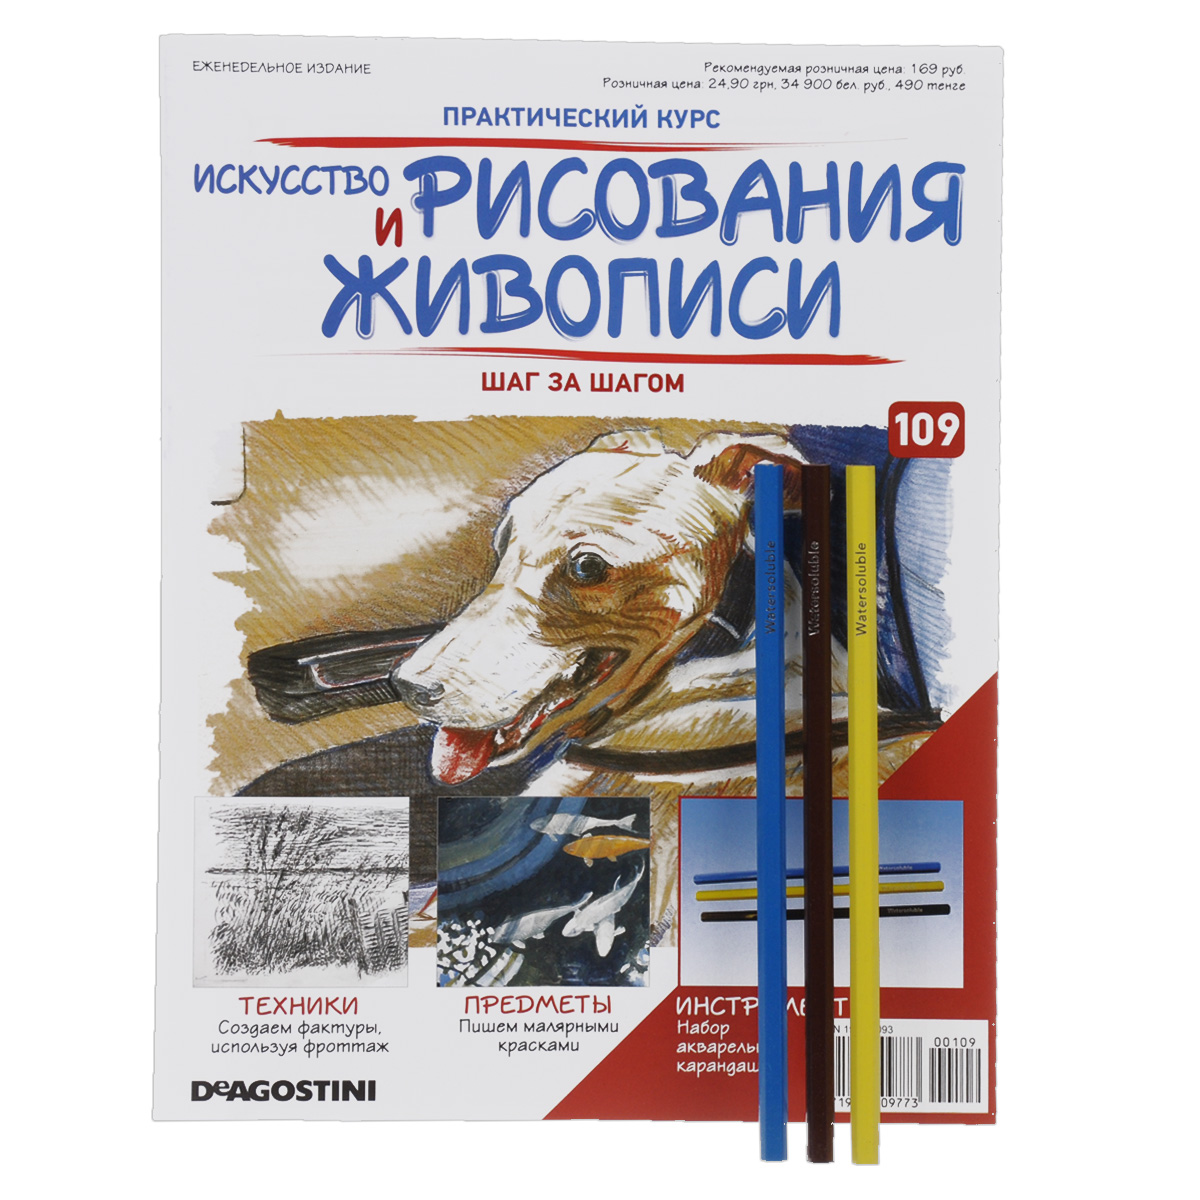 Журнал  Искусство рисования и живописи №109 все мандалы мира шаблоны для рисования и расшифровка тайных символов